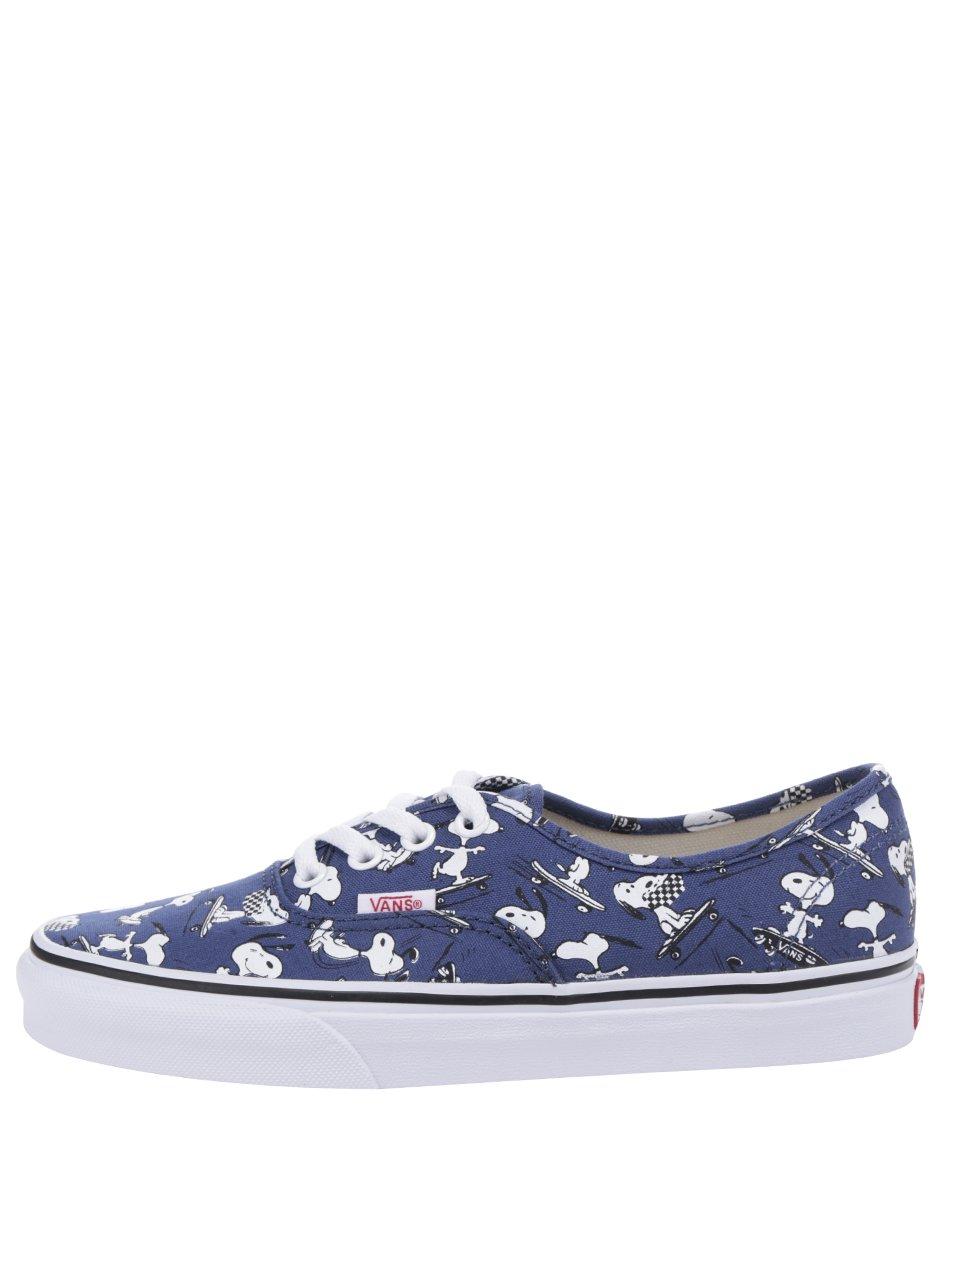 Tmavě modré dámské tenisky s motivem Snoopyho Vans Authentic – ŽENY   Boty    tenisky 8699dba6f0d